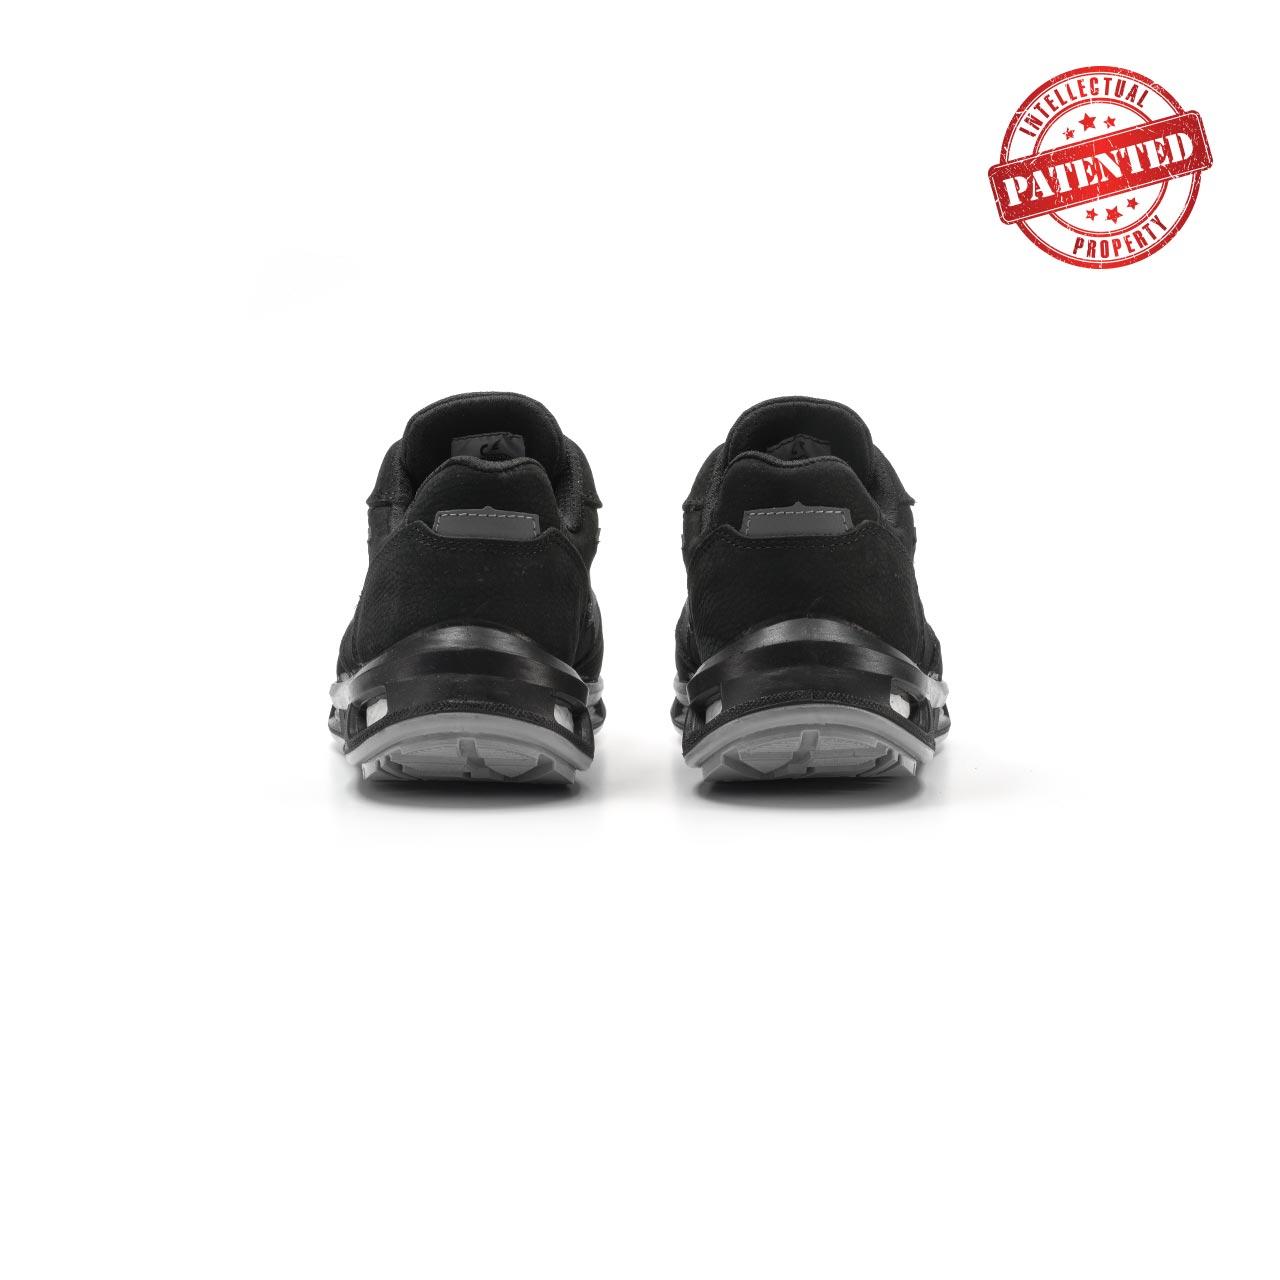 paio di scarpe antinfortunistiche upower modello carbon linea redlion vista retro